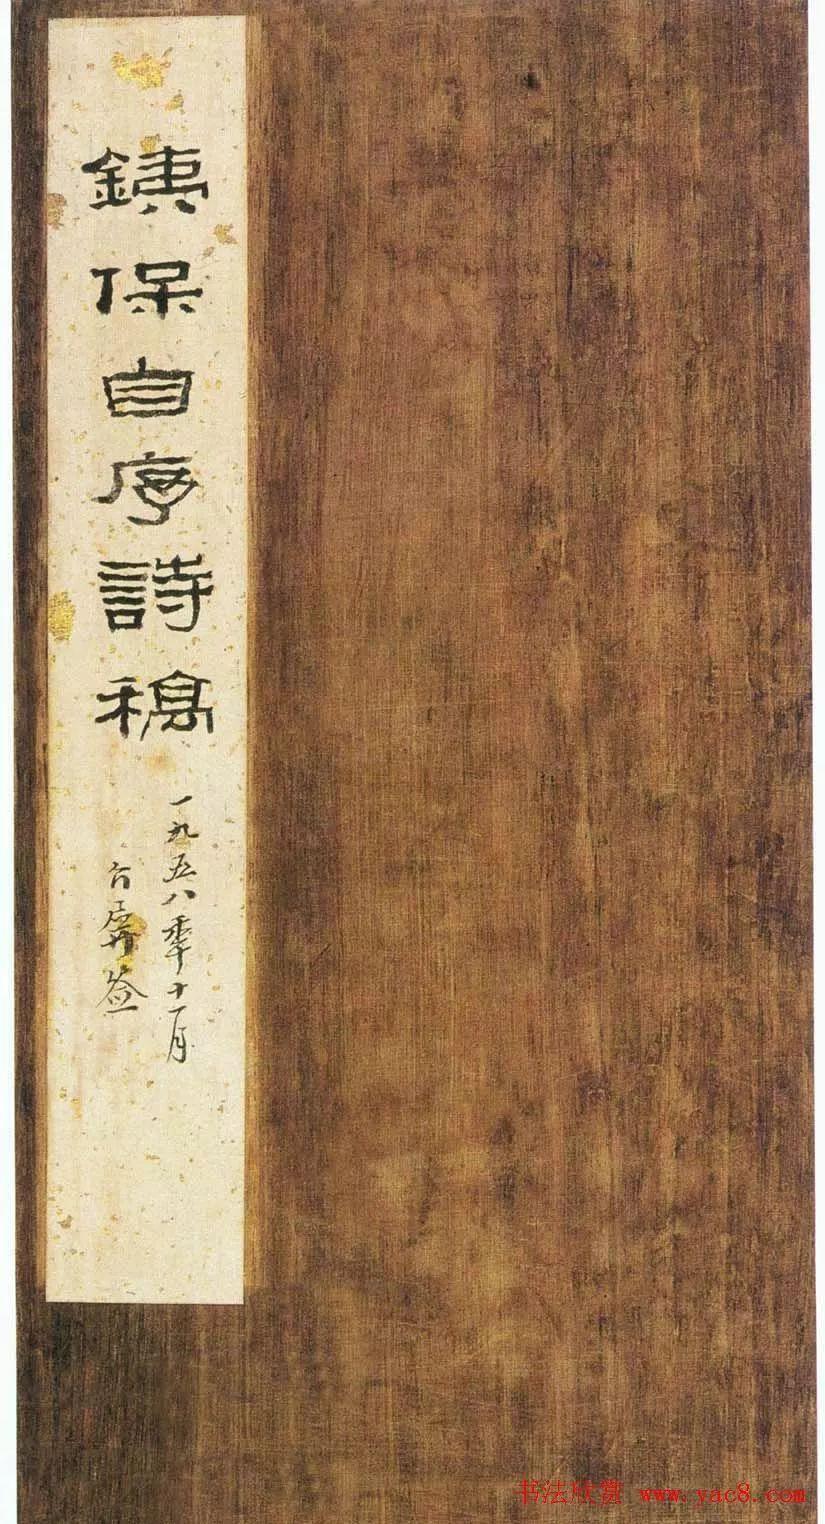 清代大书法家铁保《自序诗稿》